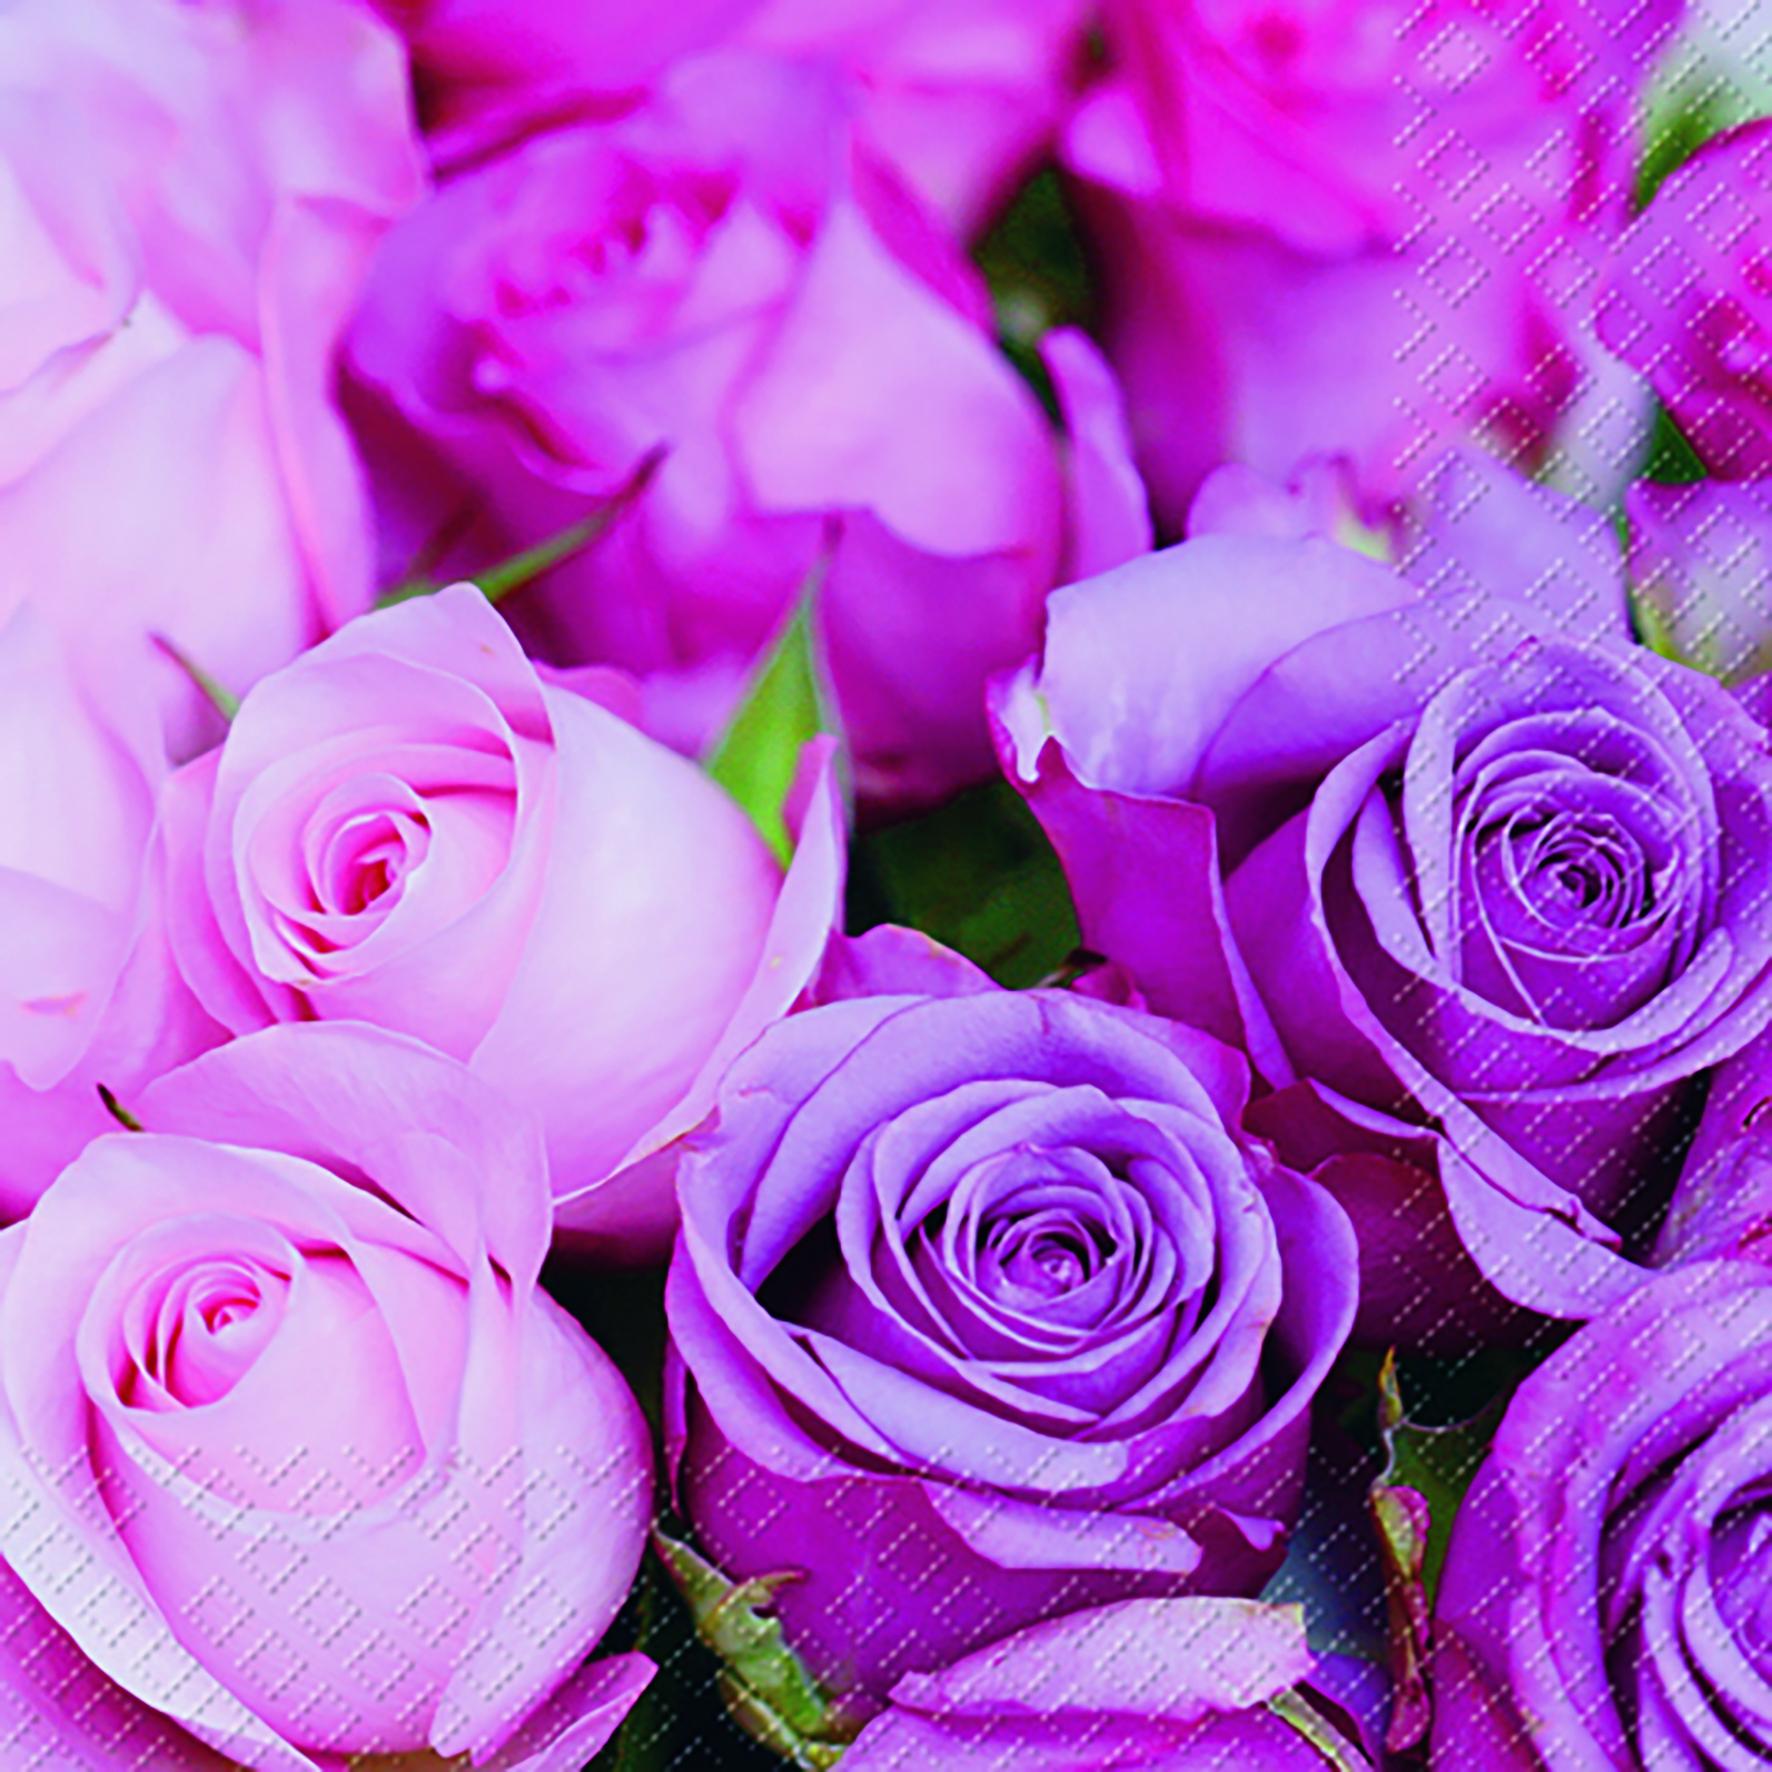 stewo AG,  Blumen -  Sonstige,  Blumen - Rosen,  Blumen,  Everyday,  lunchservietten